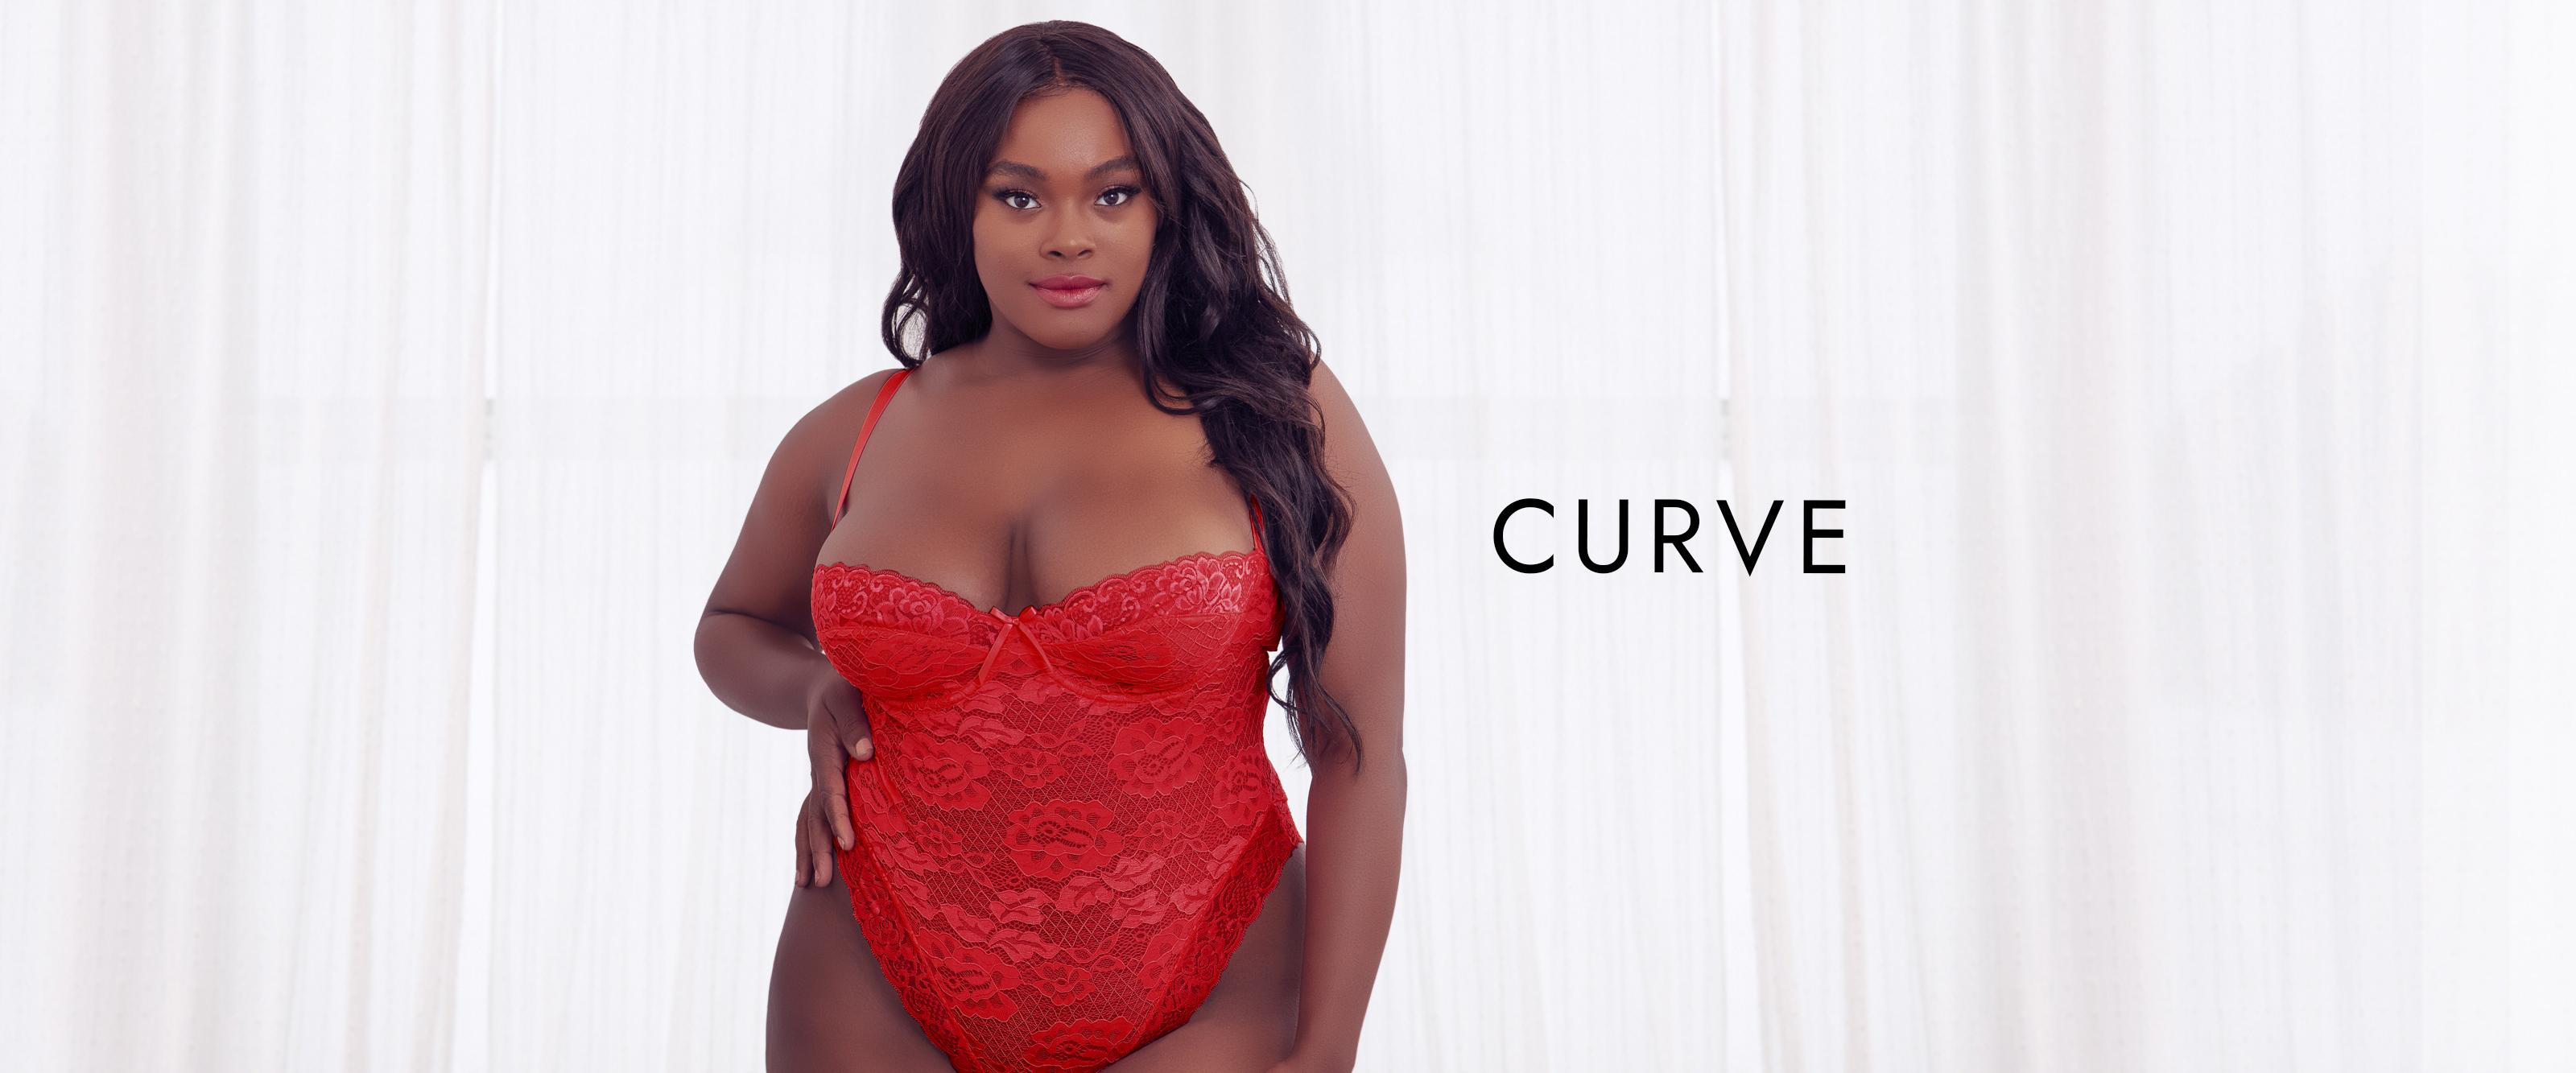 banner-curve-3.r1-9.10.20.jpg